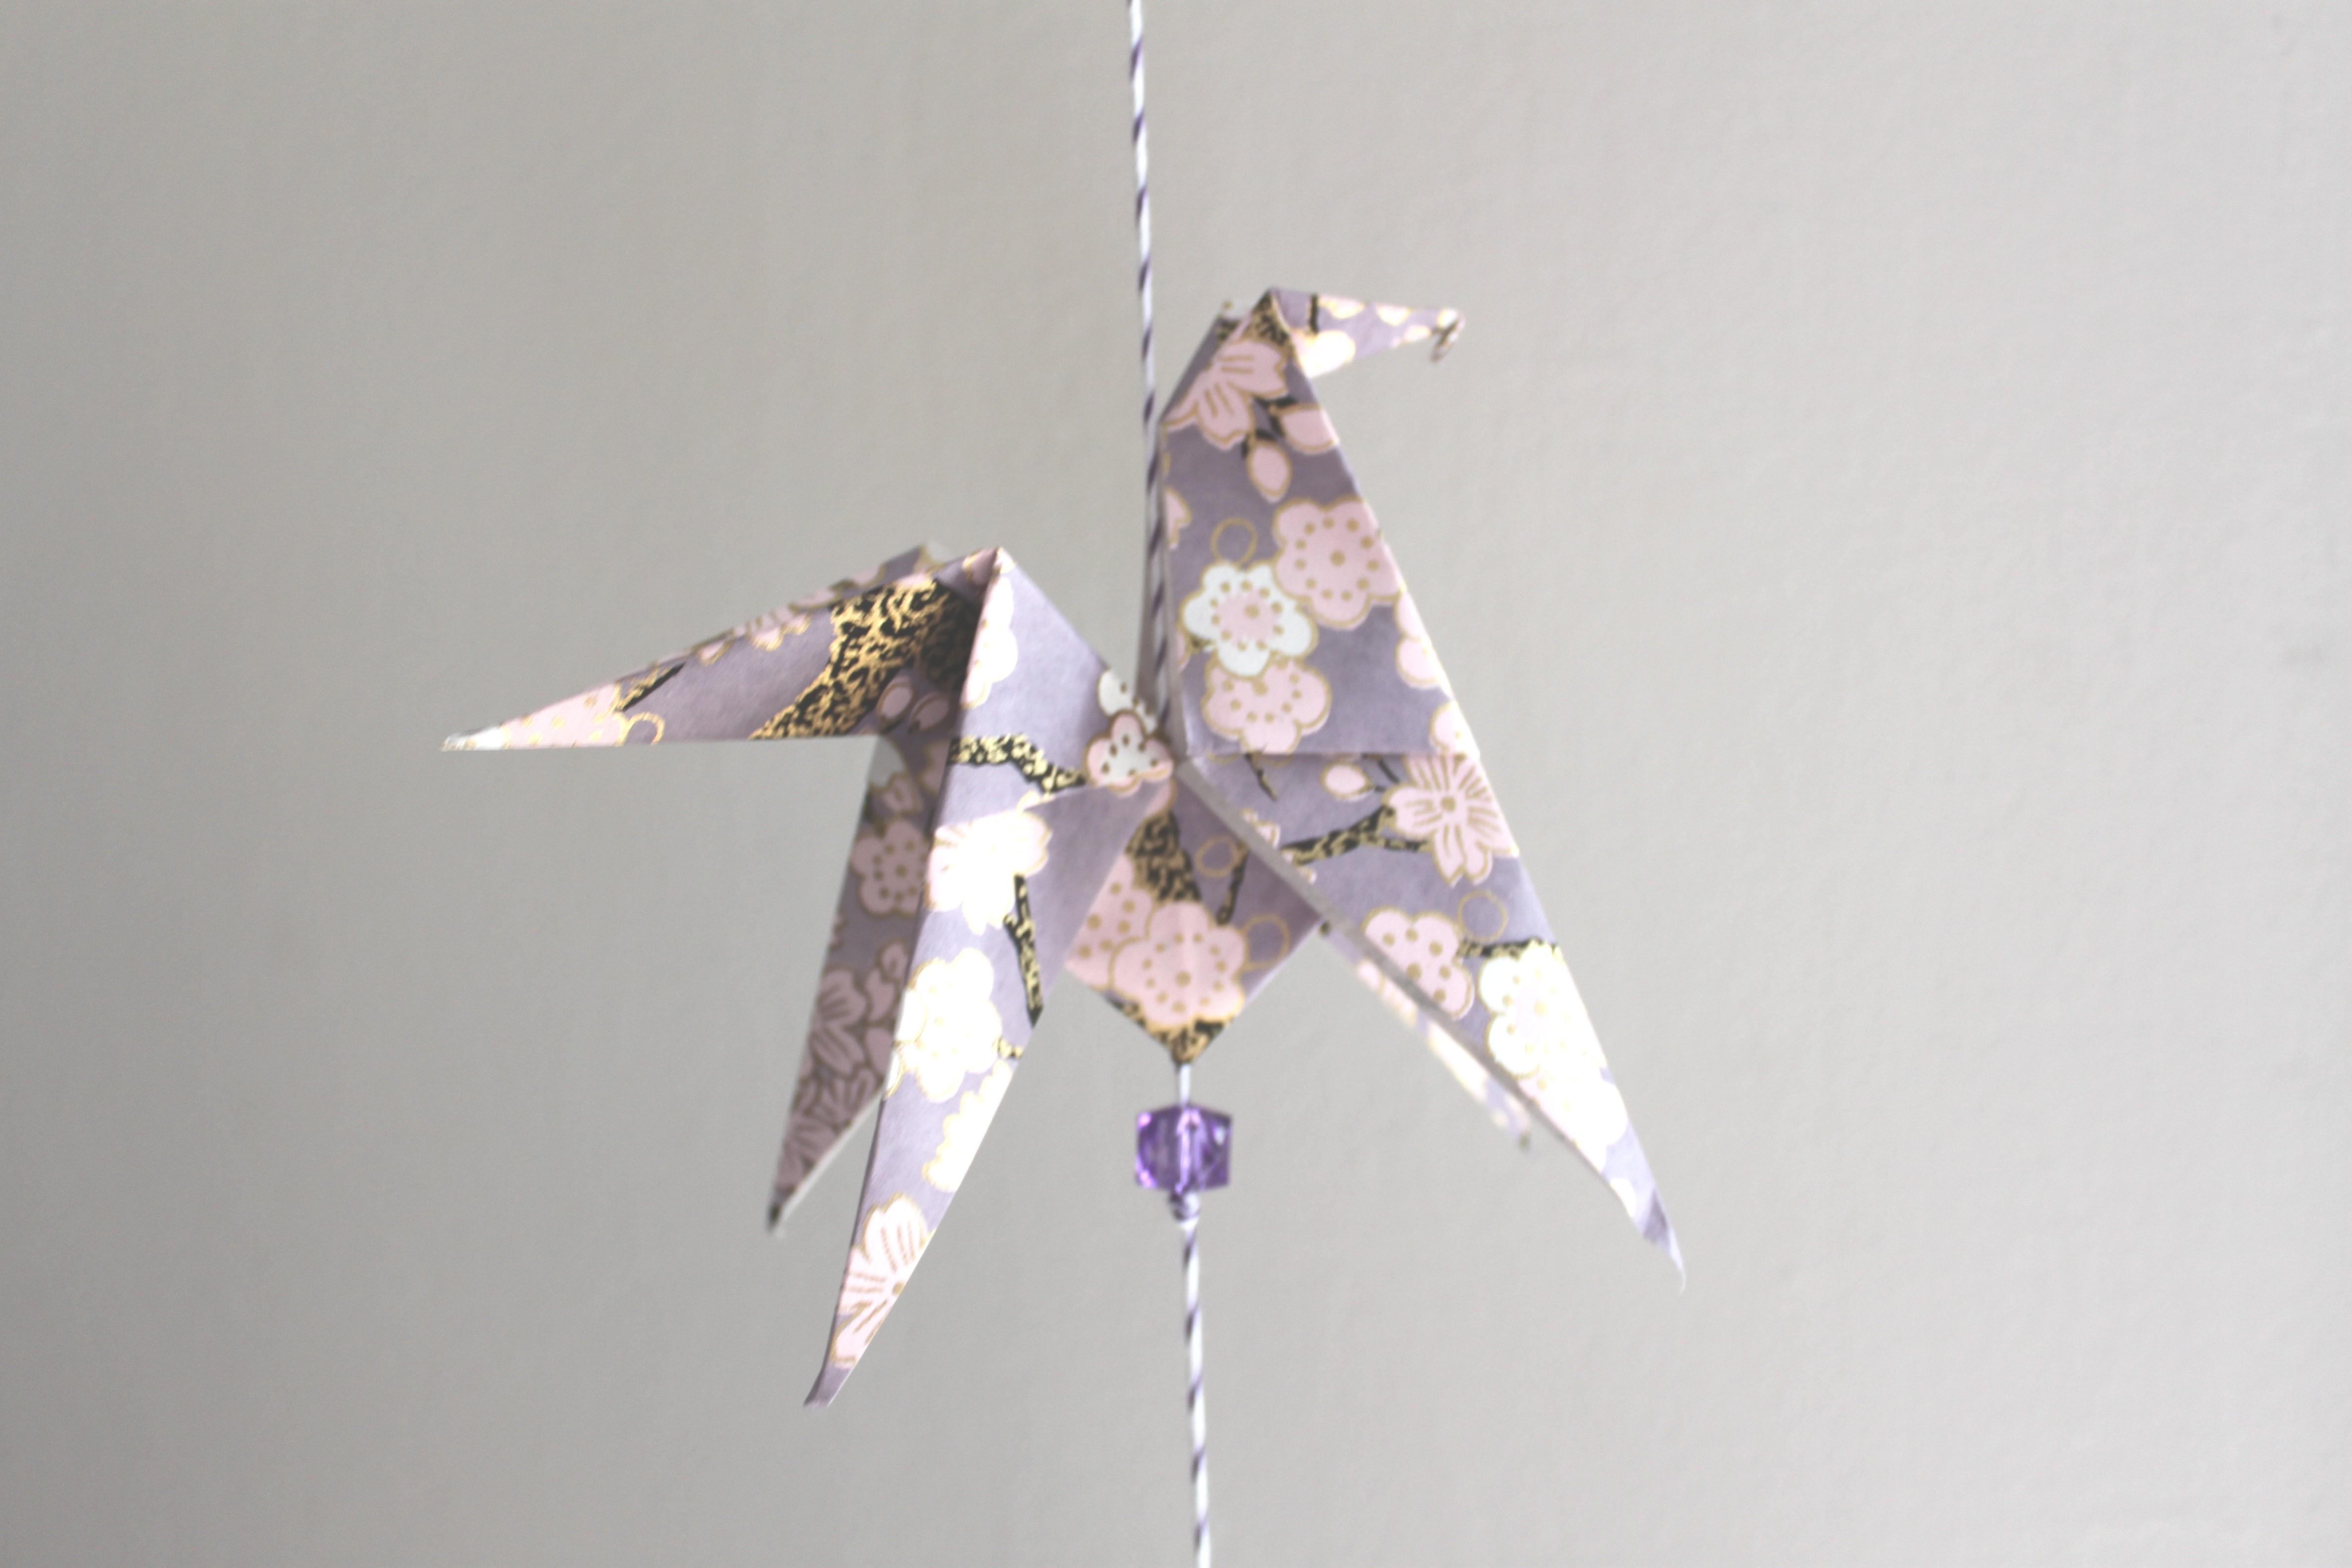 Diy une guirlande de jolis chevaux la fabricamania - Guirlande papier japonais ...